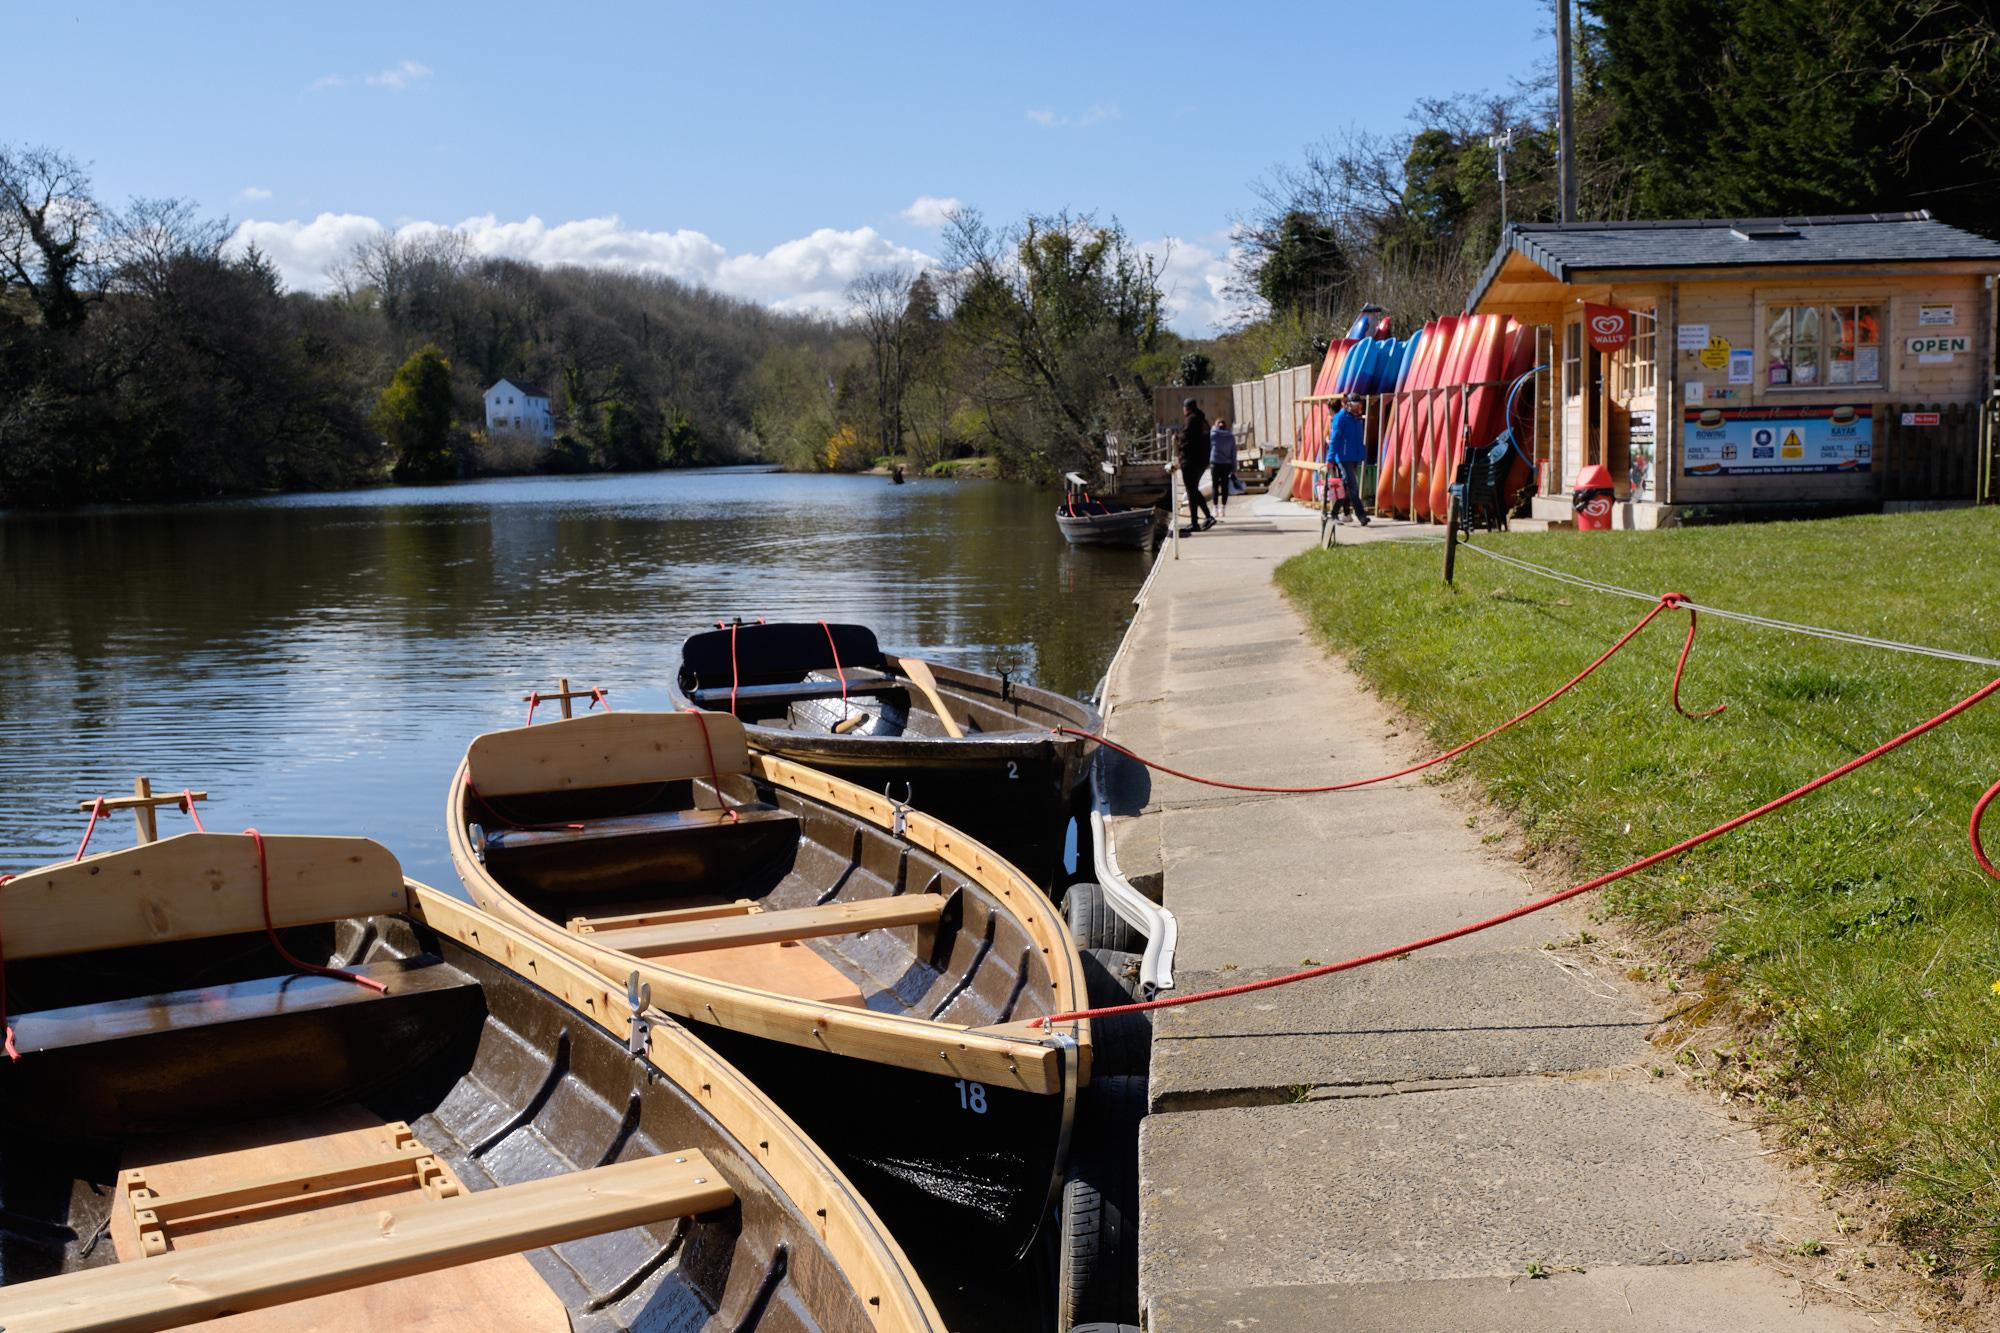 Ruswarp rowing boats